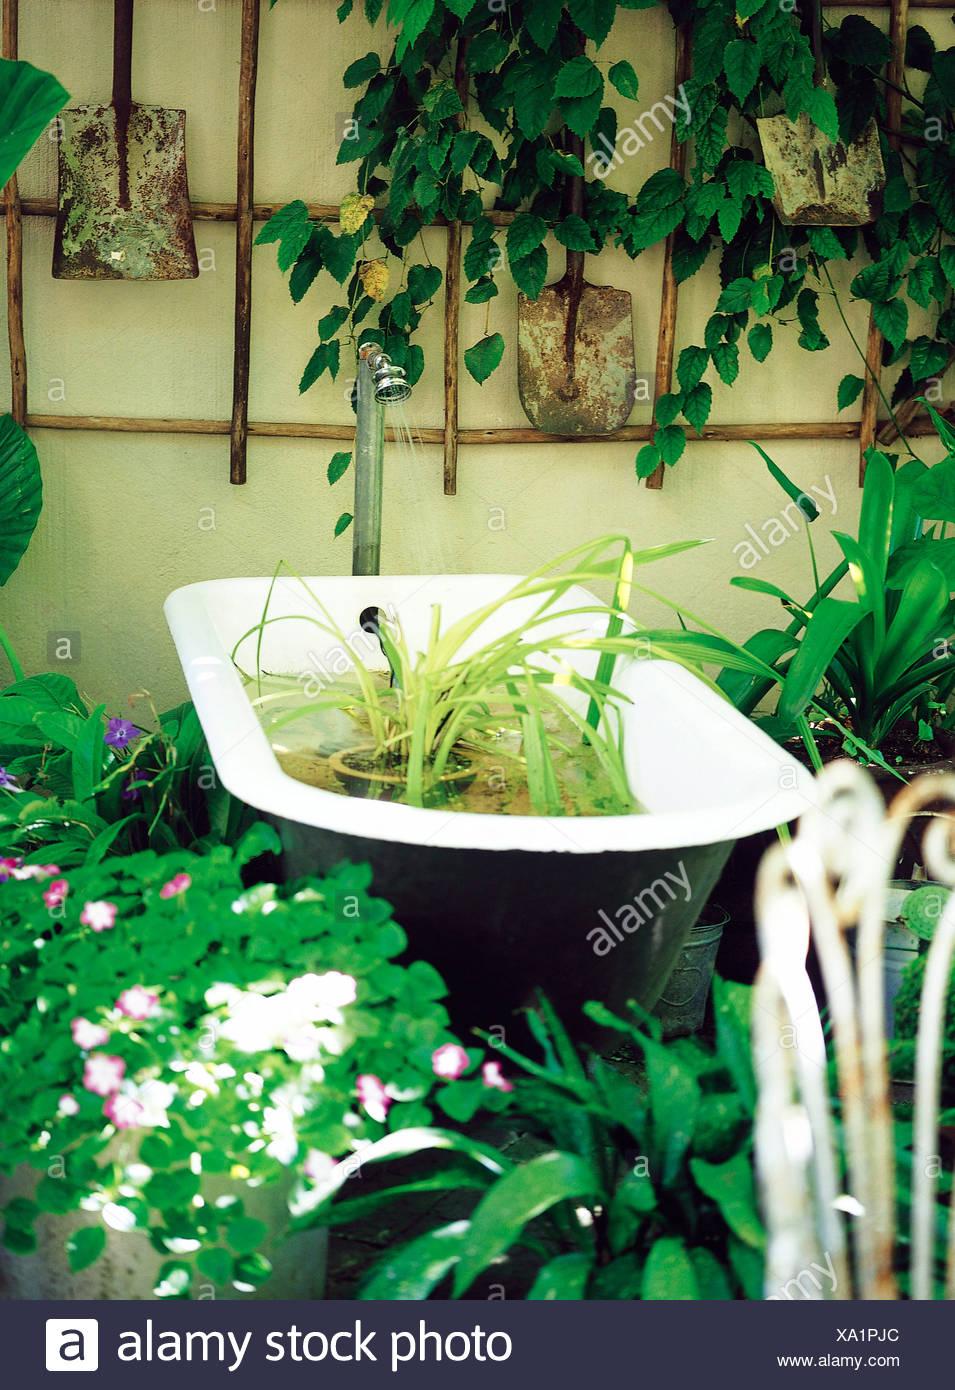 Docce Per Esterni E Giardini ghisa bianca in bagno nel giardino pieno di piante e un